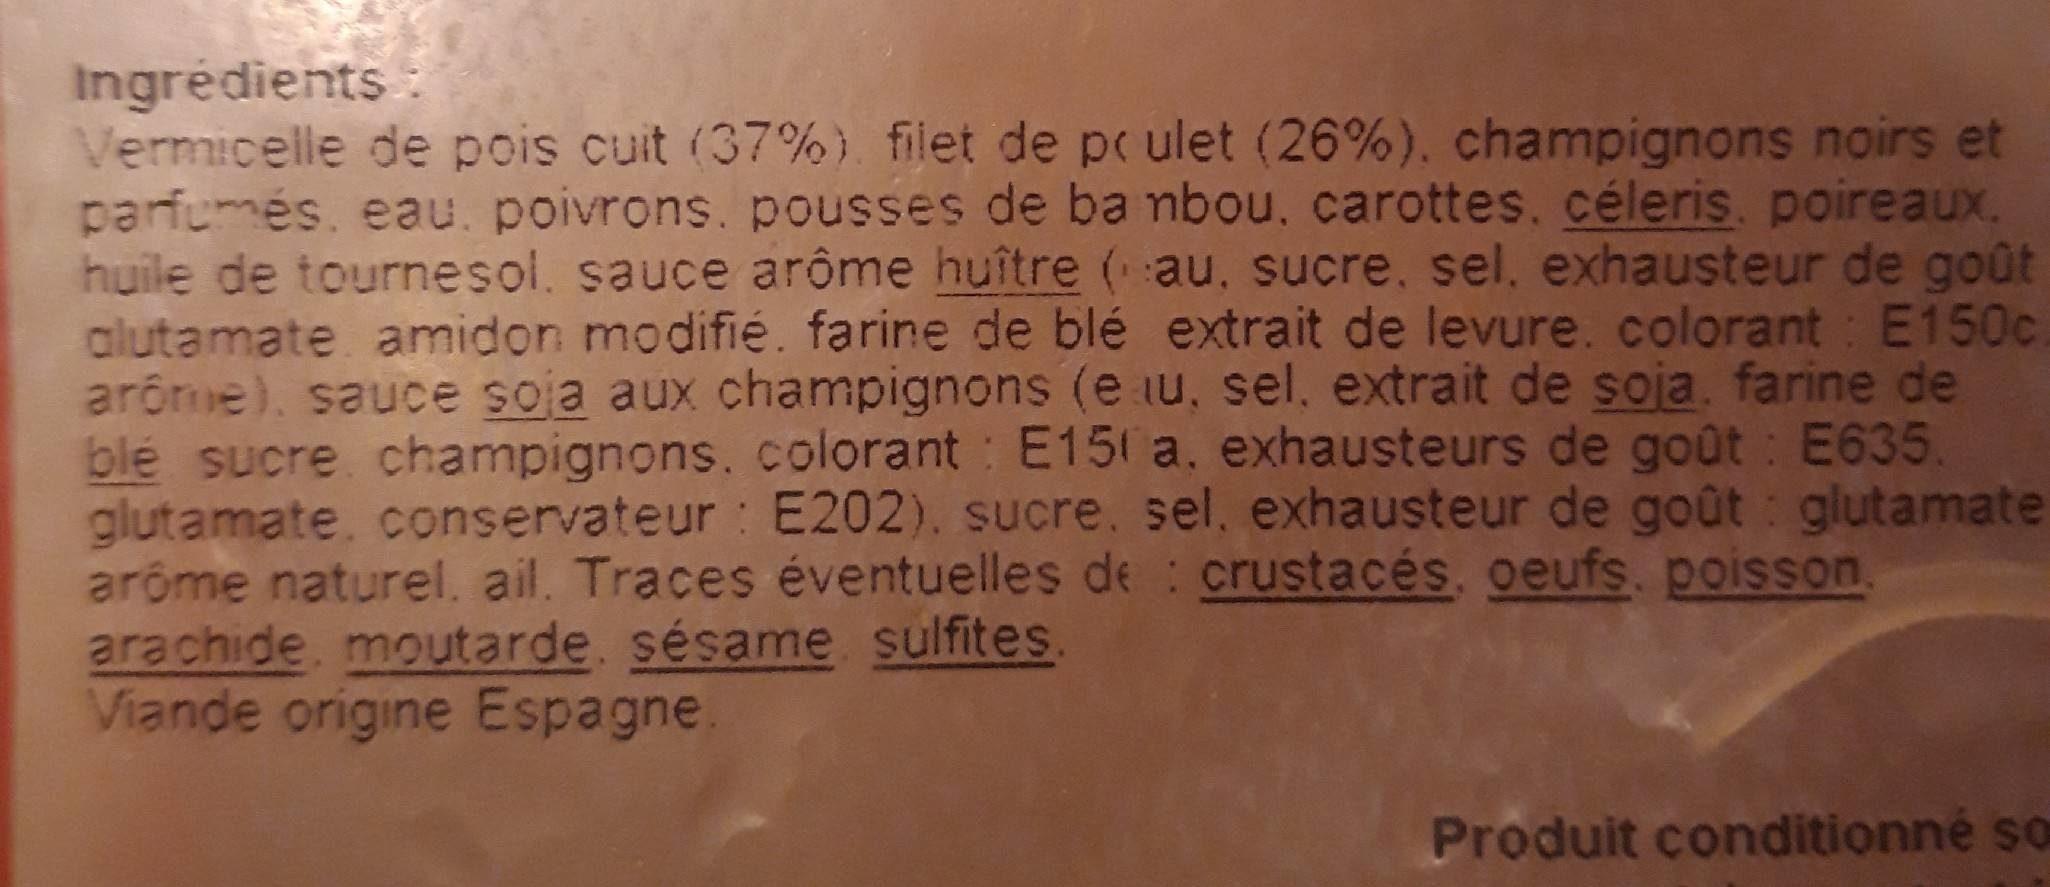 Vermicelles sautés poulet - Ingrédients - fr